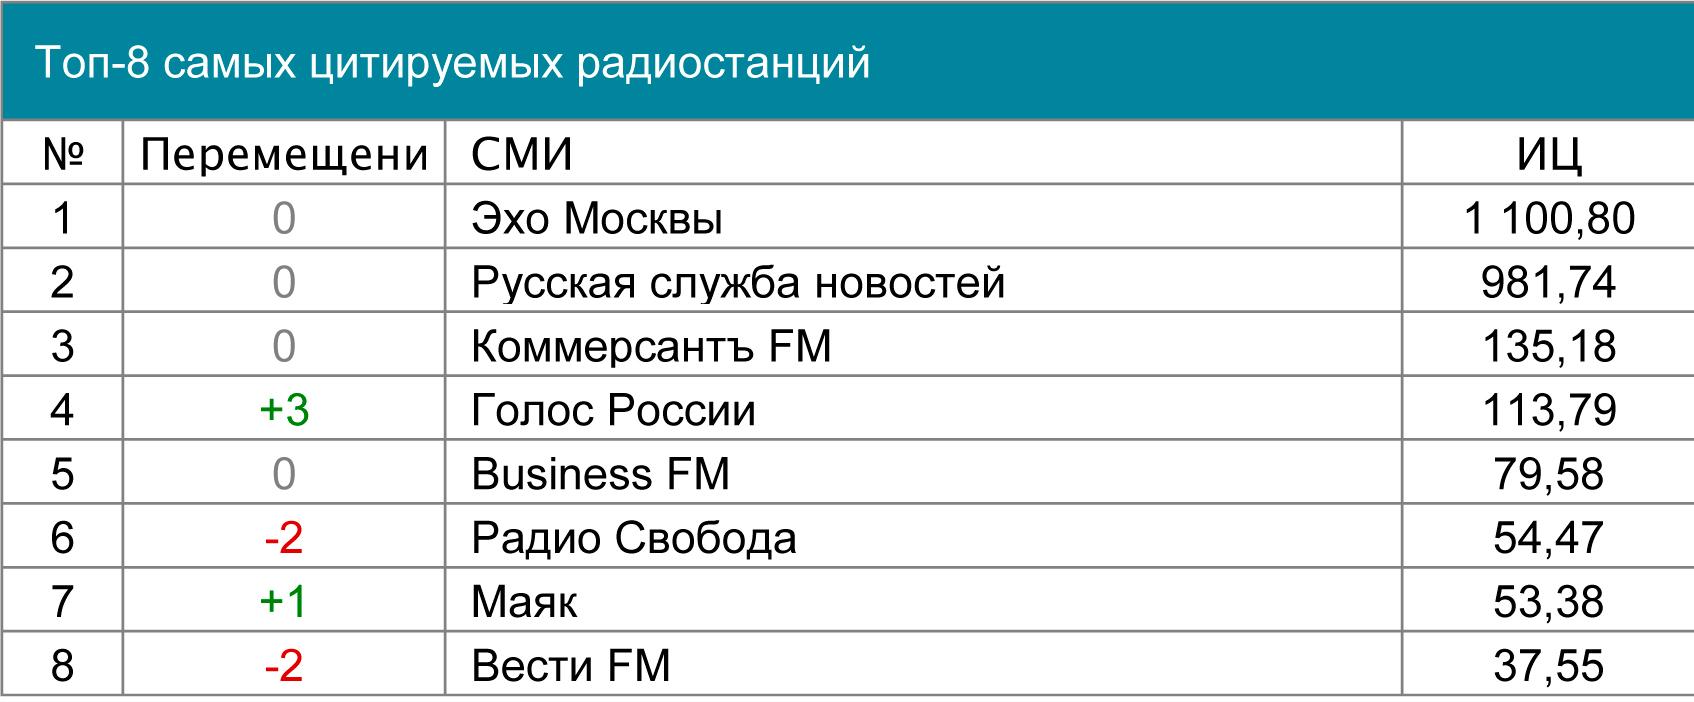 новости фонтанка ру санкт-петербурга сегодня передача исаакия